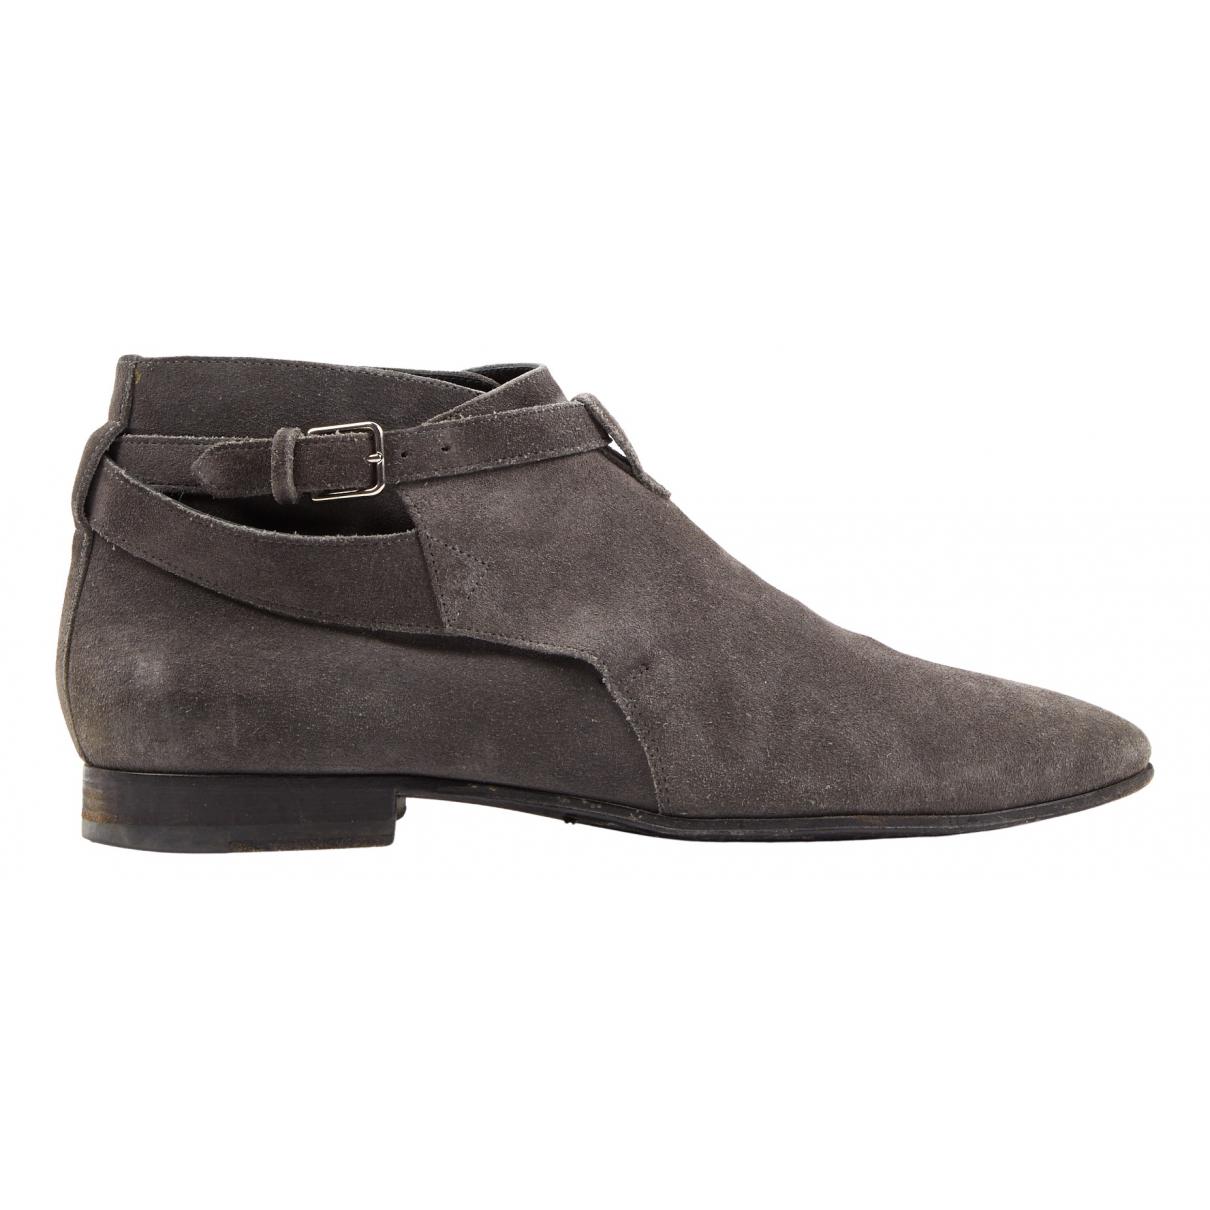 Saint Laurent Connor Jodphur Grey Suede Boots for Men 40 EU